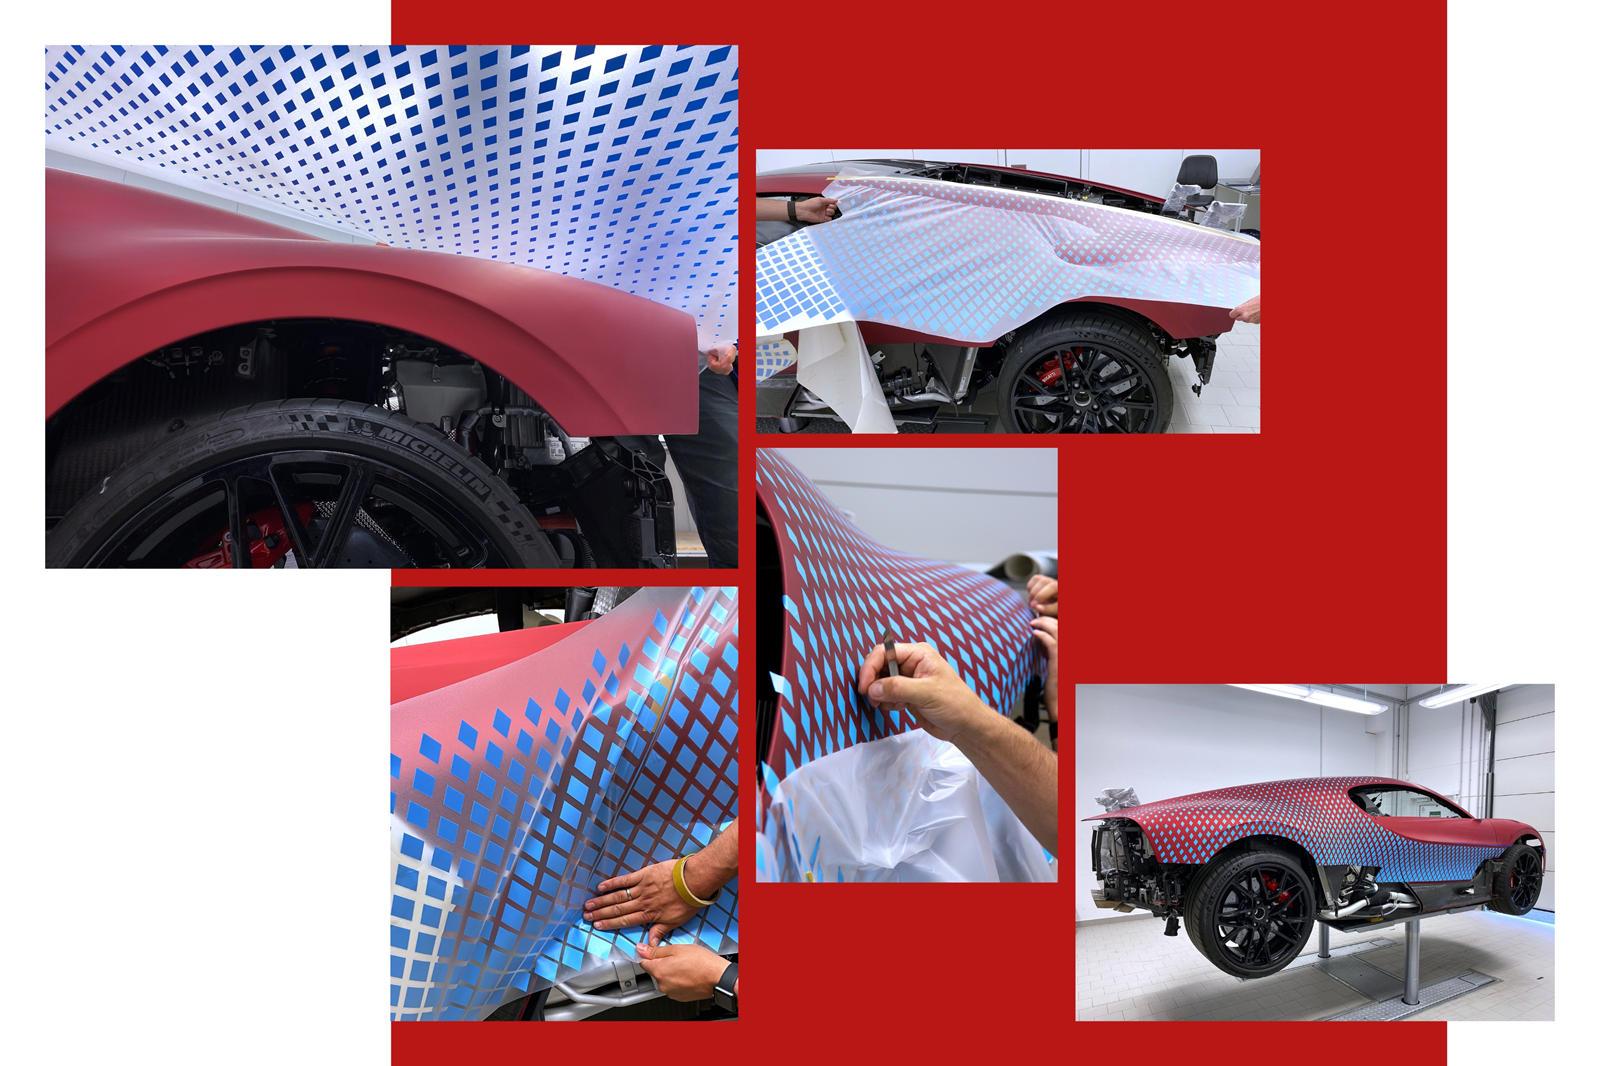 Йорг Грумер, руководитель отдела цвета и отделки в Bugatti Design, говорит, что «после многочисленных неудачных идей и попыток применить алмазы мы были близки к тому, чтобы сдаться и сказать: «Мы не можем удовлетворить запросы клиентов».